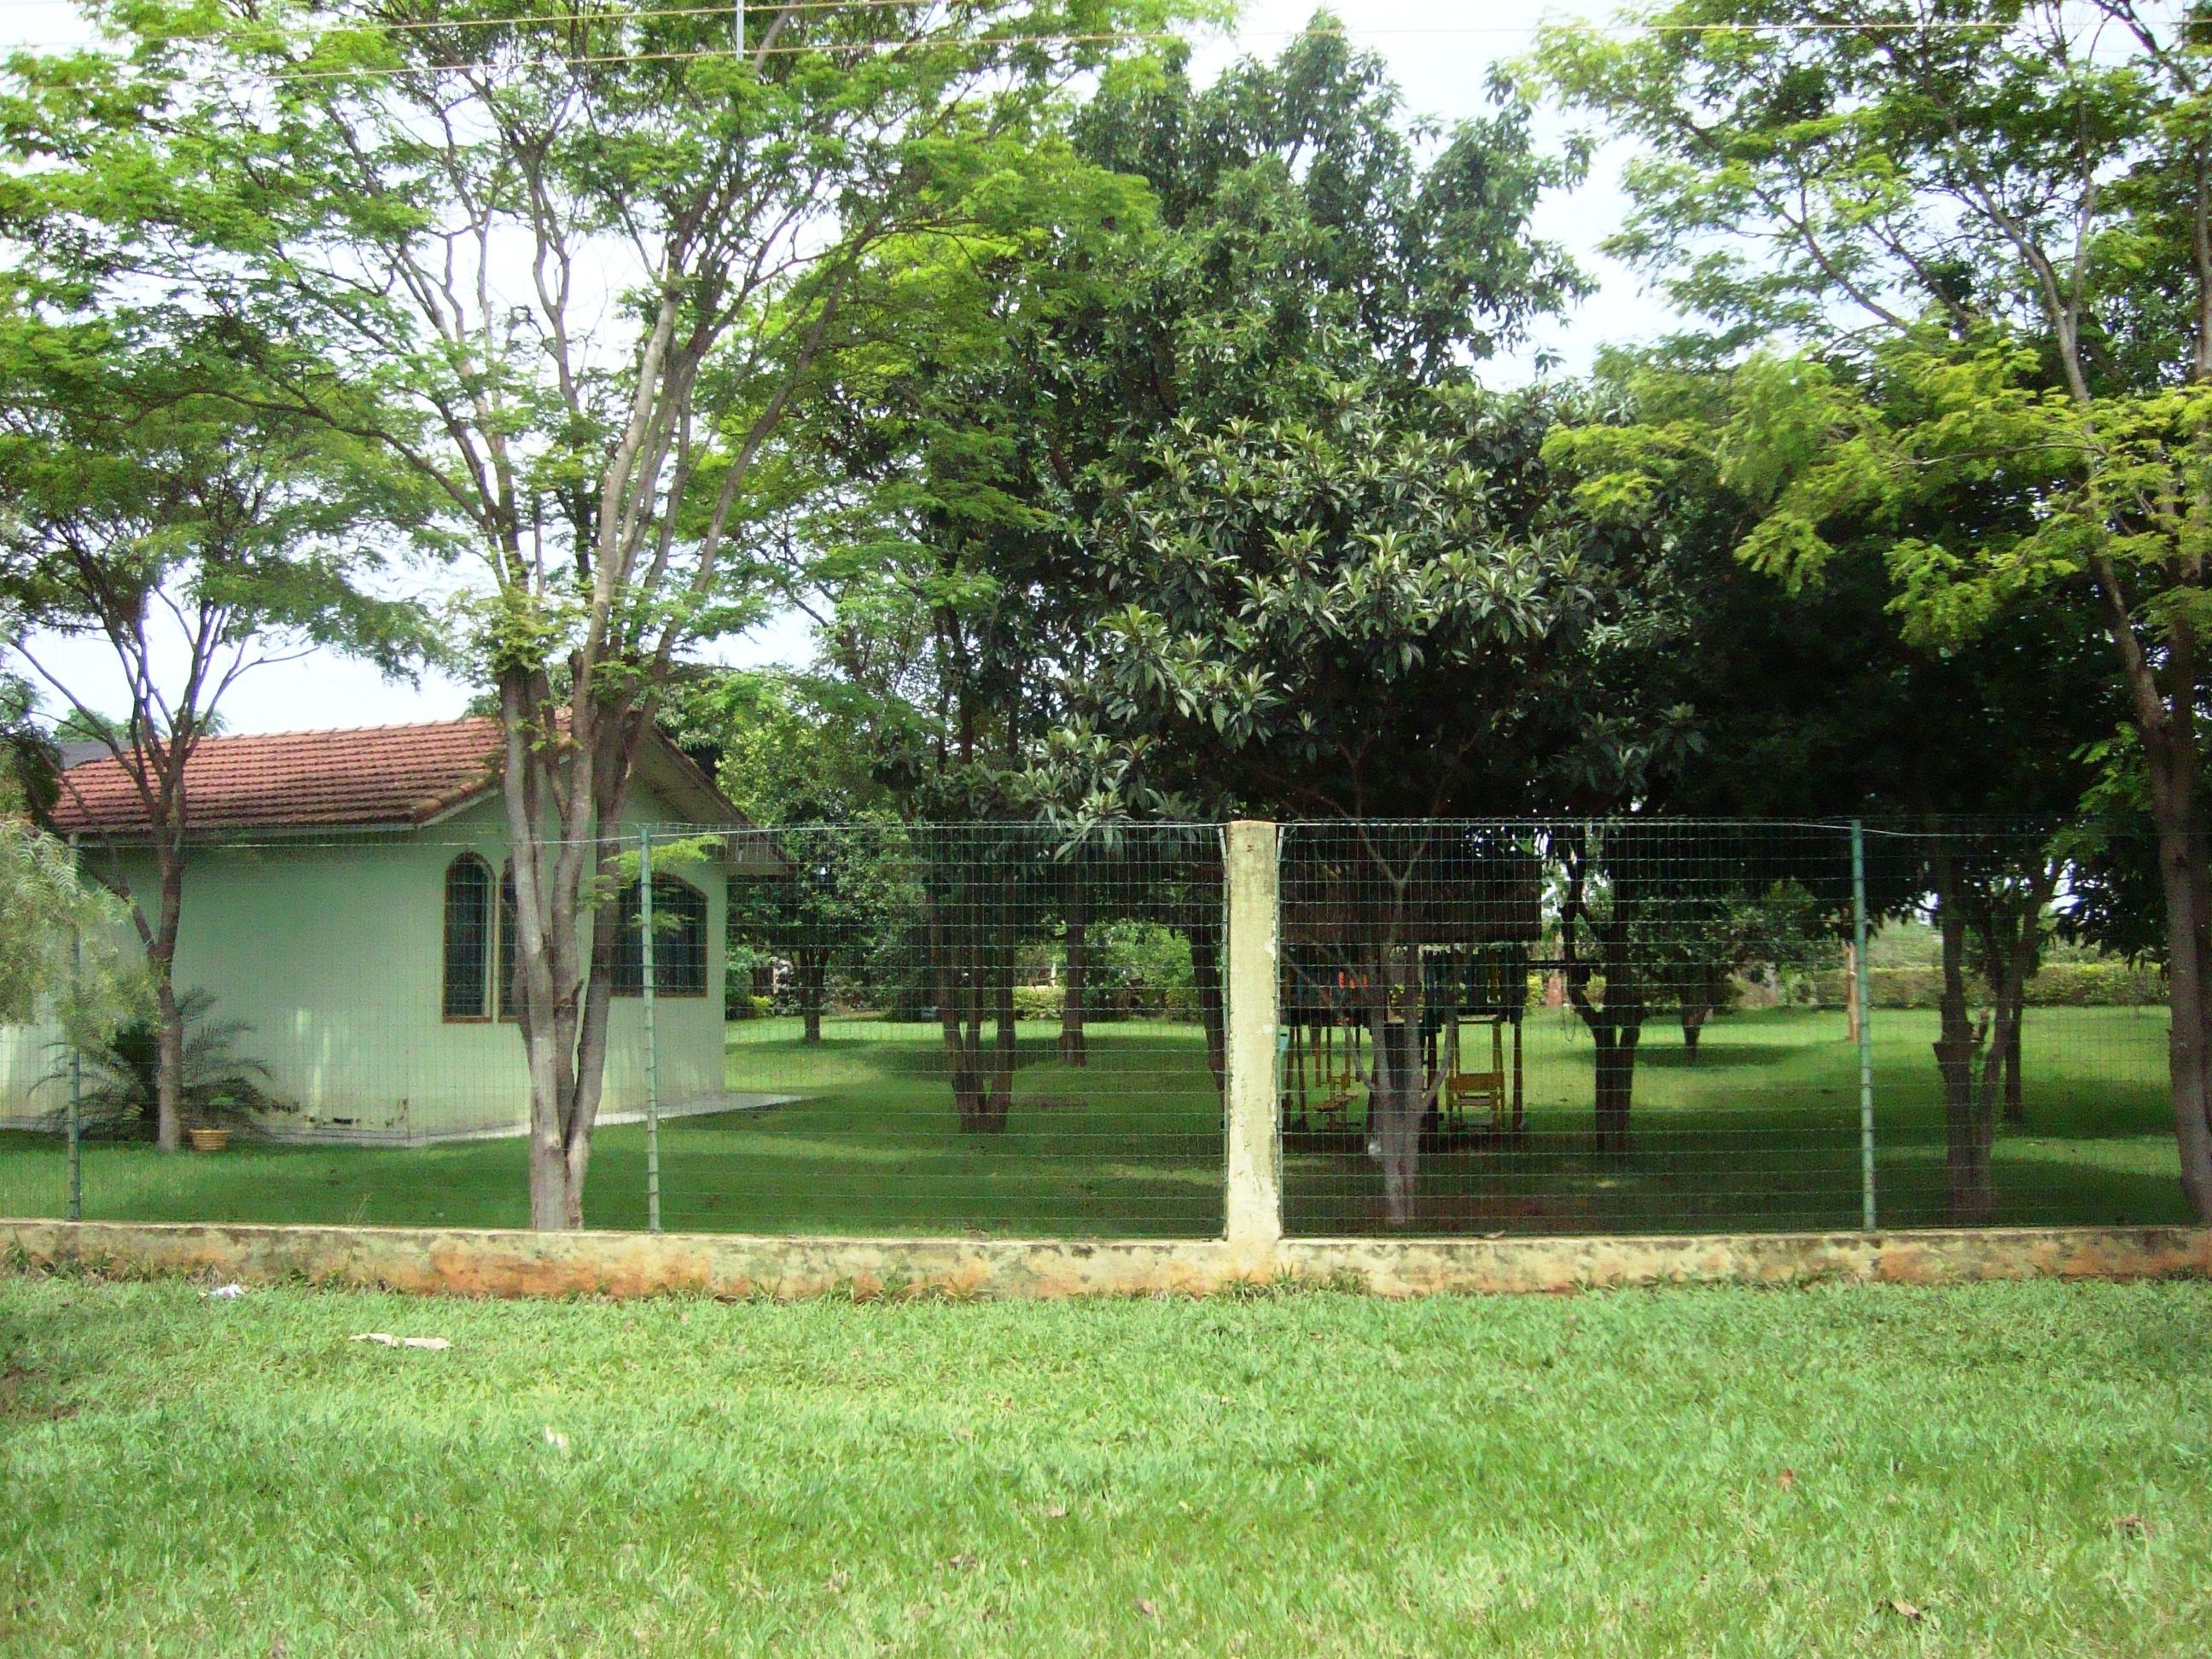 Transformação: De Vila Rural para Chácaras de Lazer Paulo Ramires #70903B 2592x1944